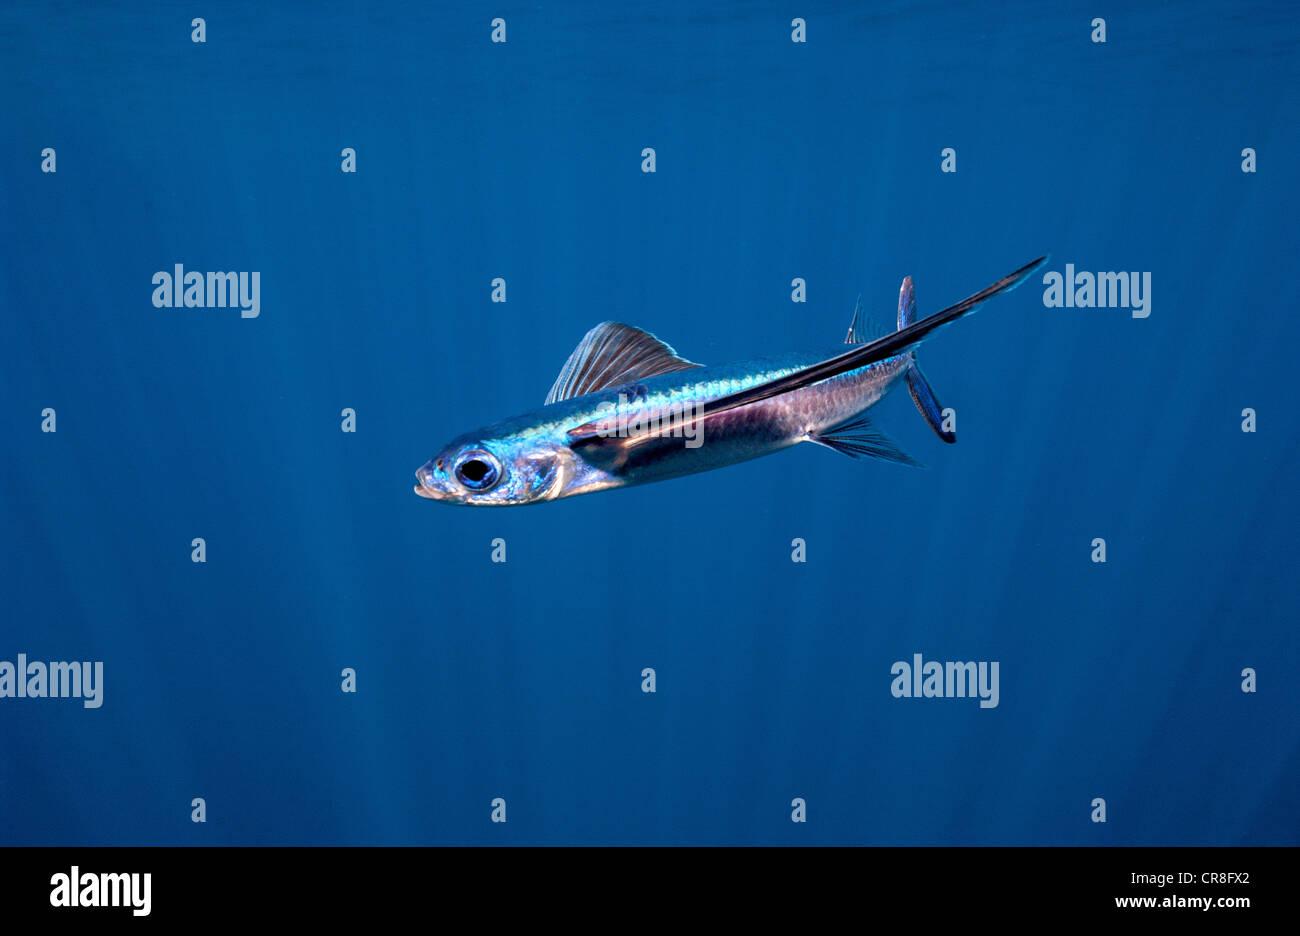 Flying Fish, Open Ocean - Stock Image